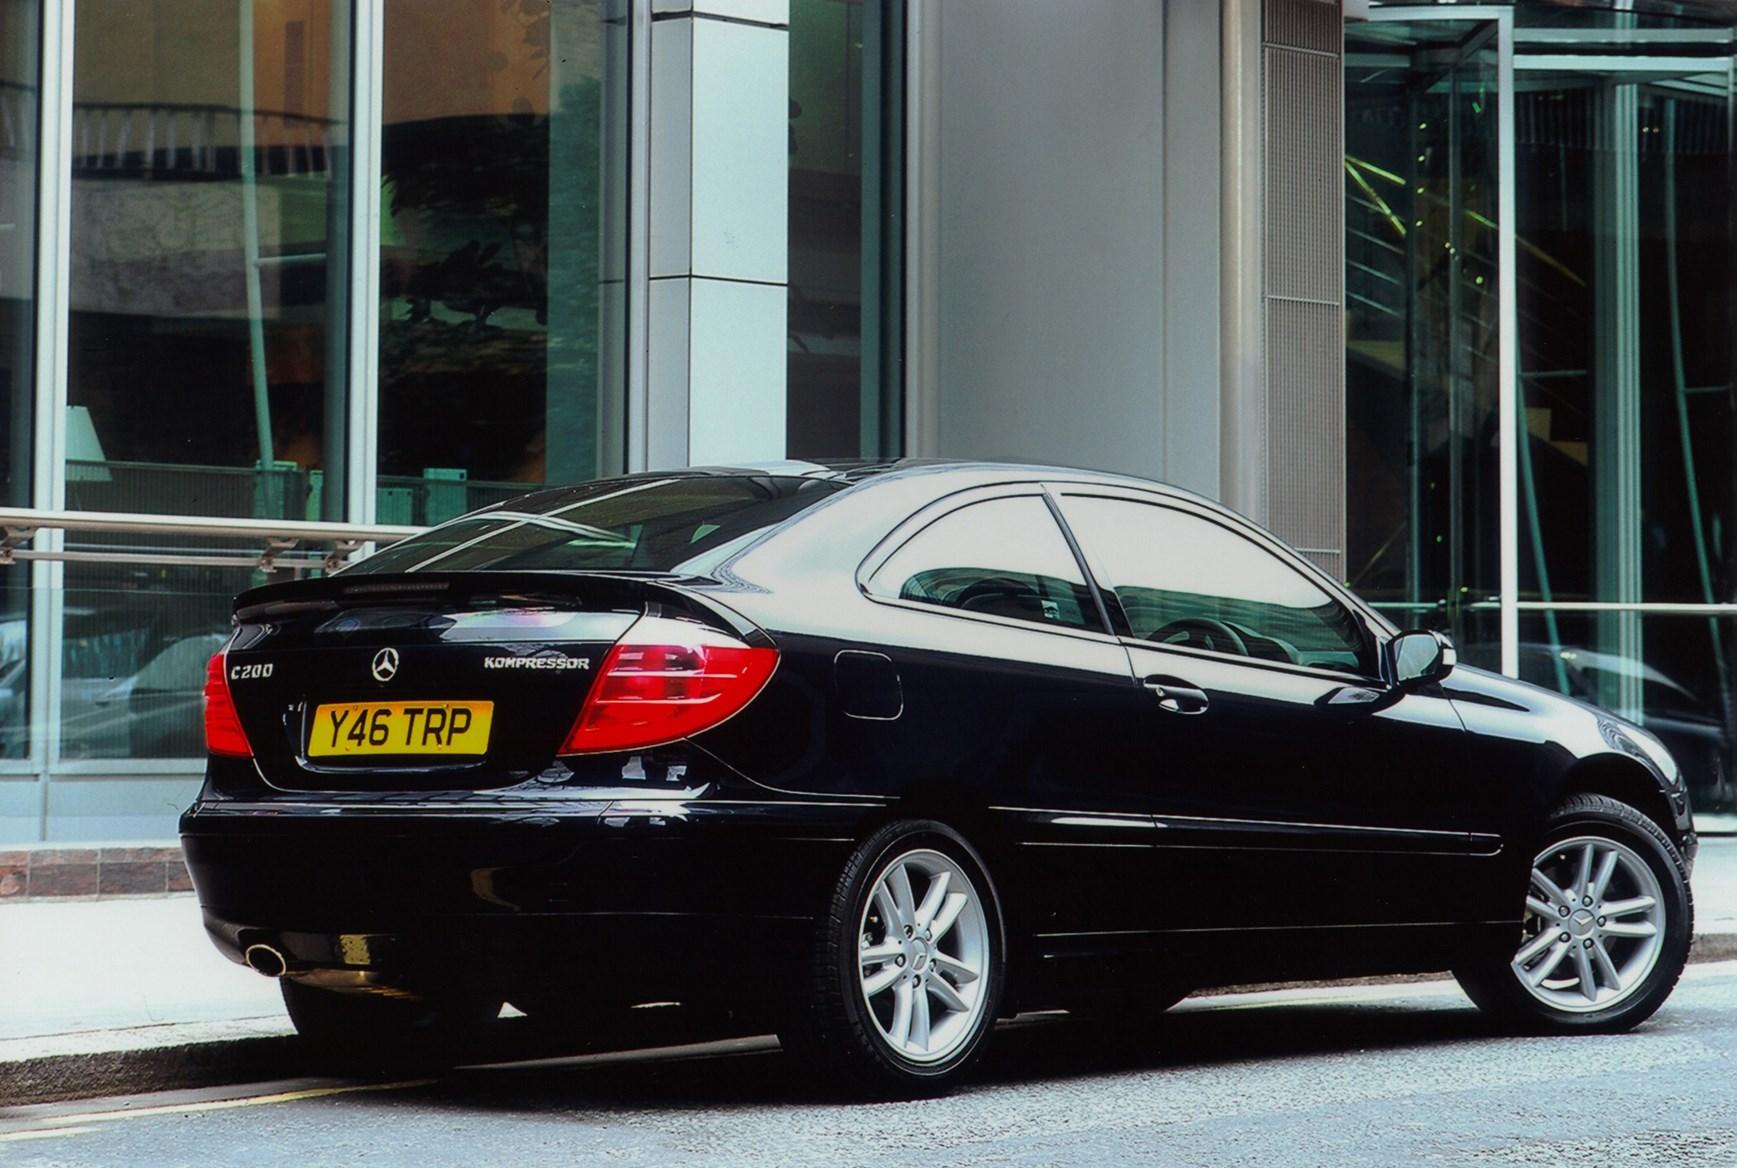 mercedes-benz c-class sports coupé review (2001 - 2008) | parkers